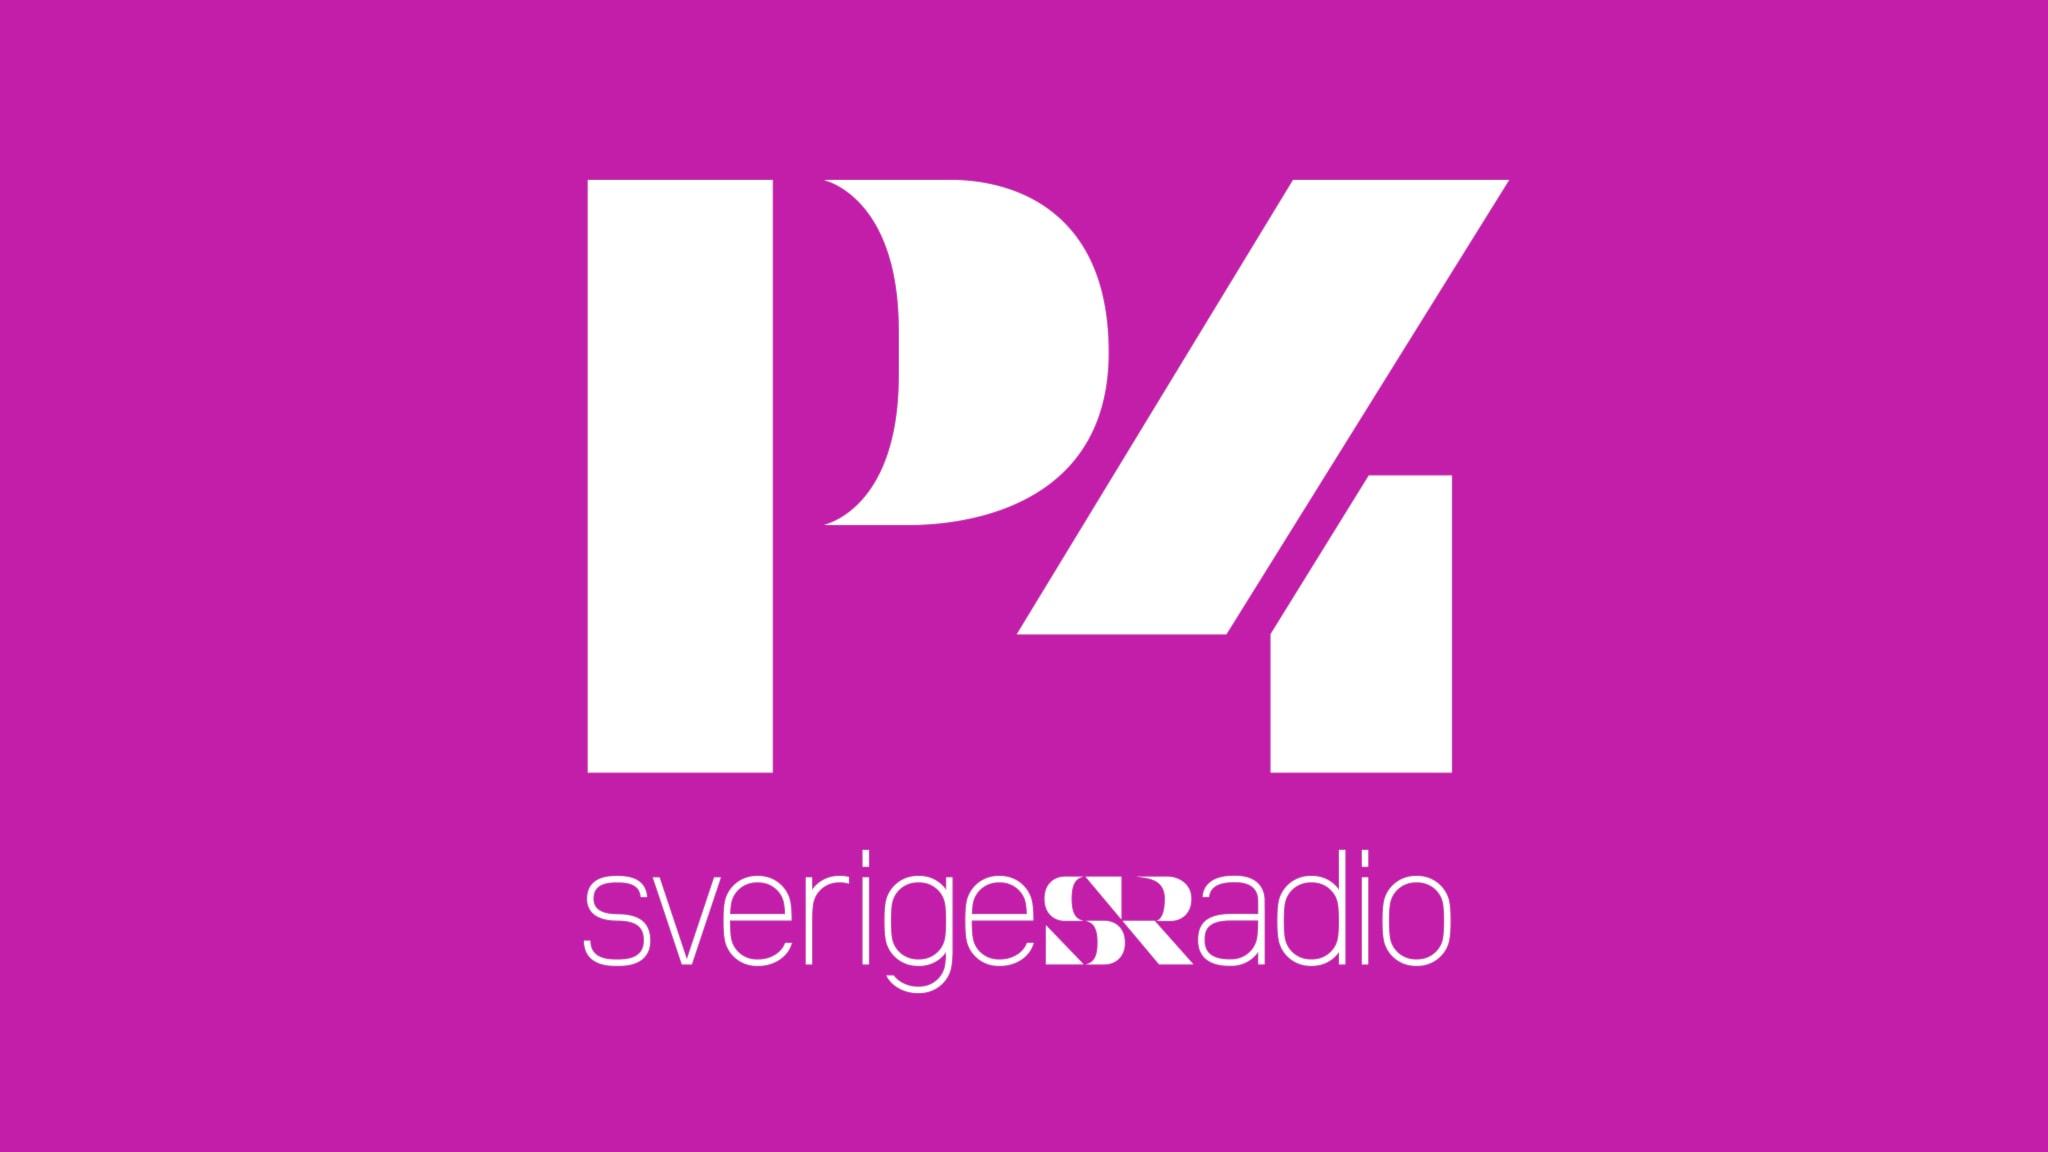 Trafik P4 Göteborg 20180111 09.18 (01.23)